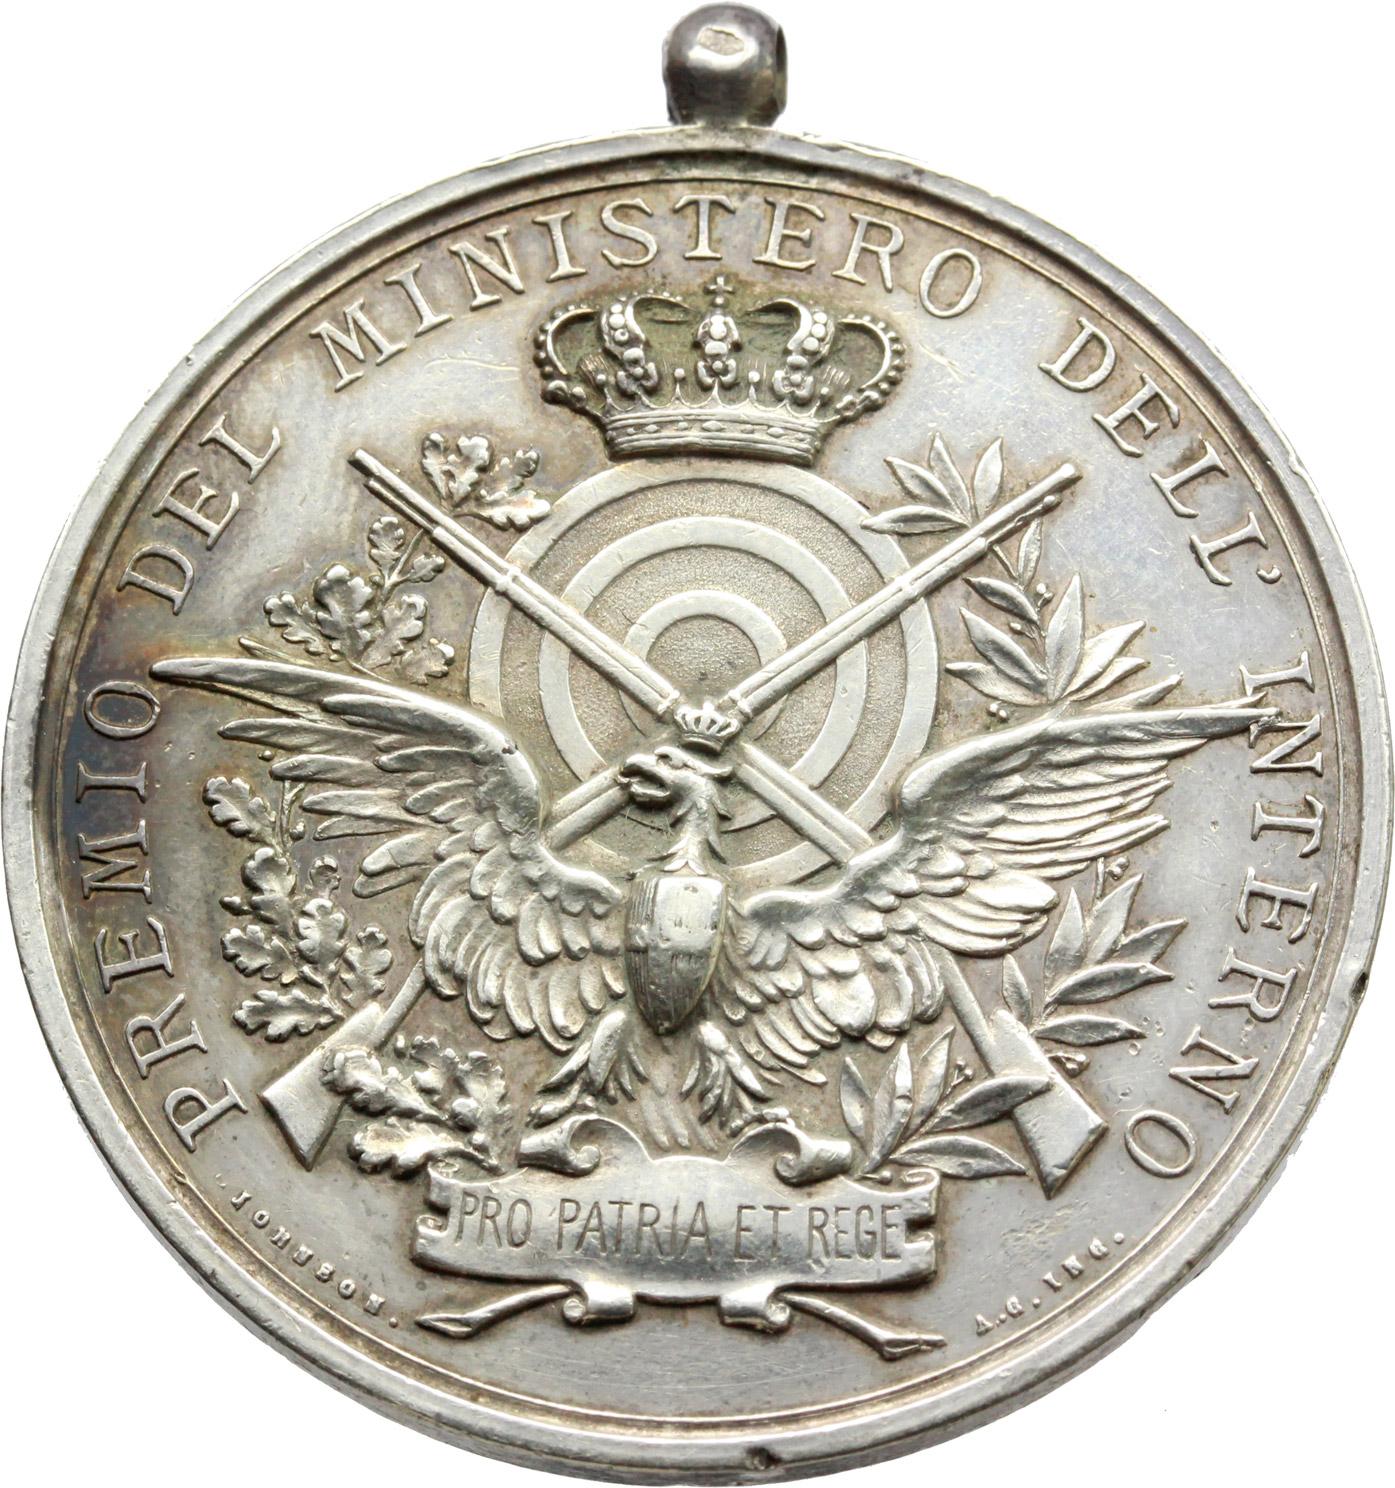 D/  Medaglia Premio del Ministero dell'Interno. 1a gara generale del tiro a segno nazionale, Roma 1890.     AG.   mm. 39.00    SPL.